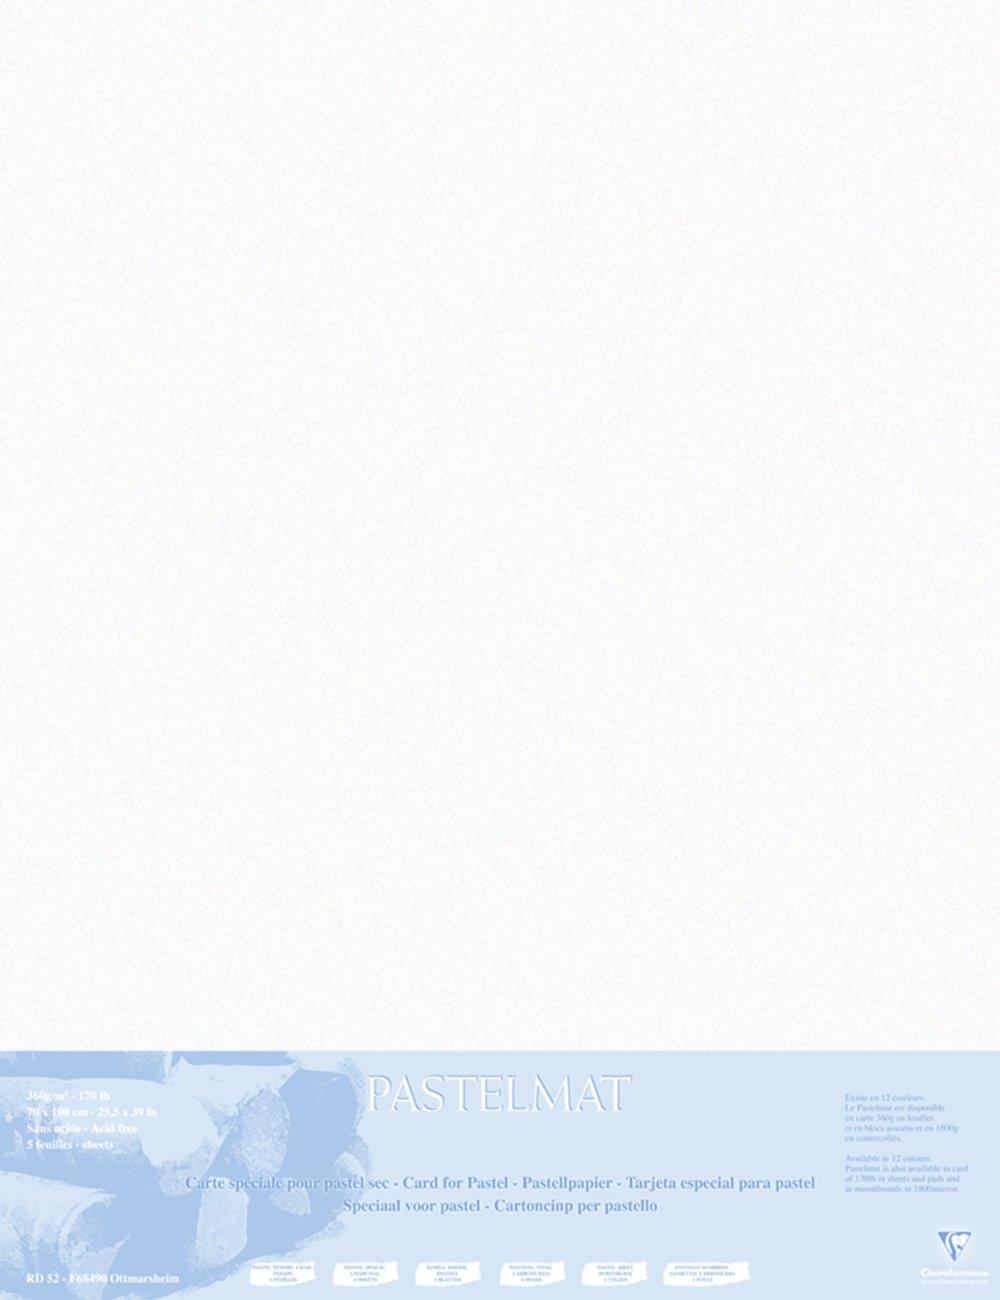 Clairefontaine 96011C Packung (mit 5 5 5 Zeichenbögen Pastelmat, 50 x 70 cm, 360 g, ideal für Trockentechniken und Pastell) braun B017NEI08O | Tadellos  e4193f